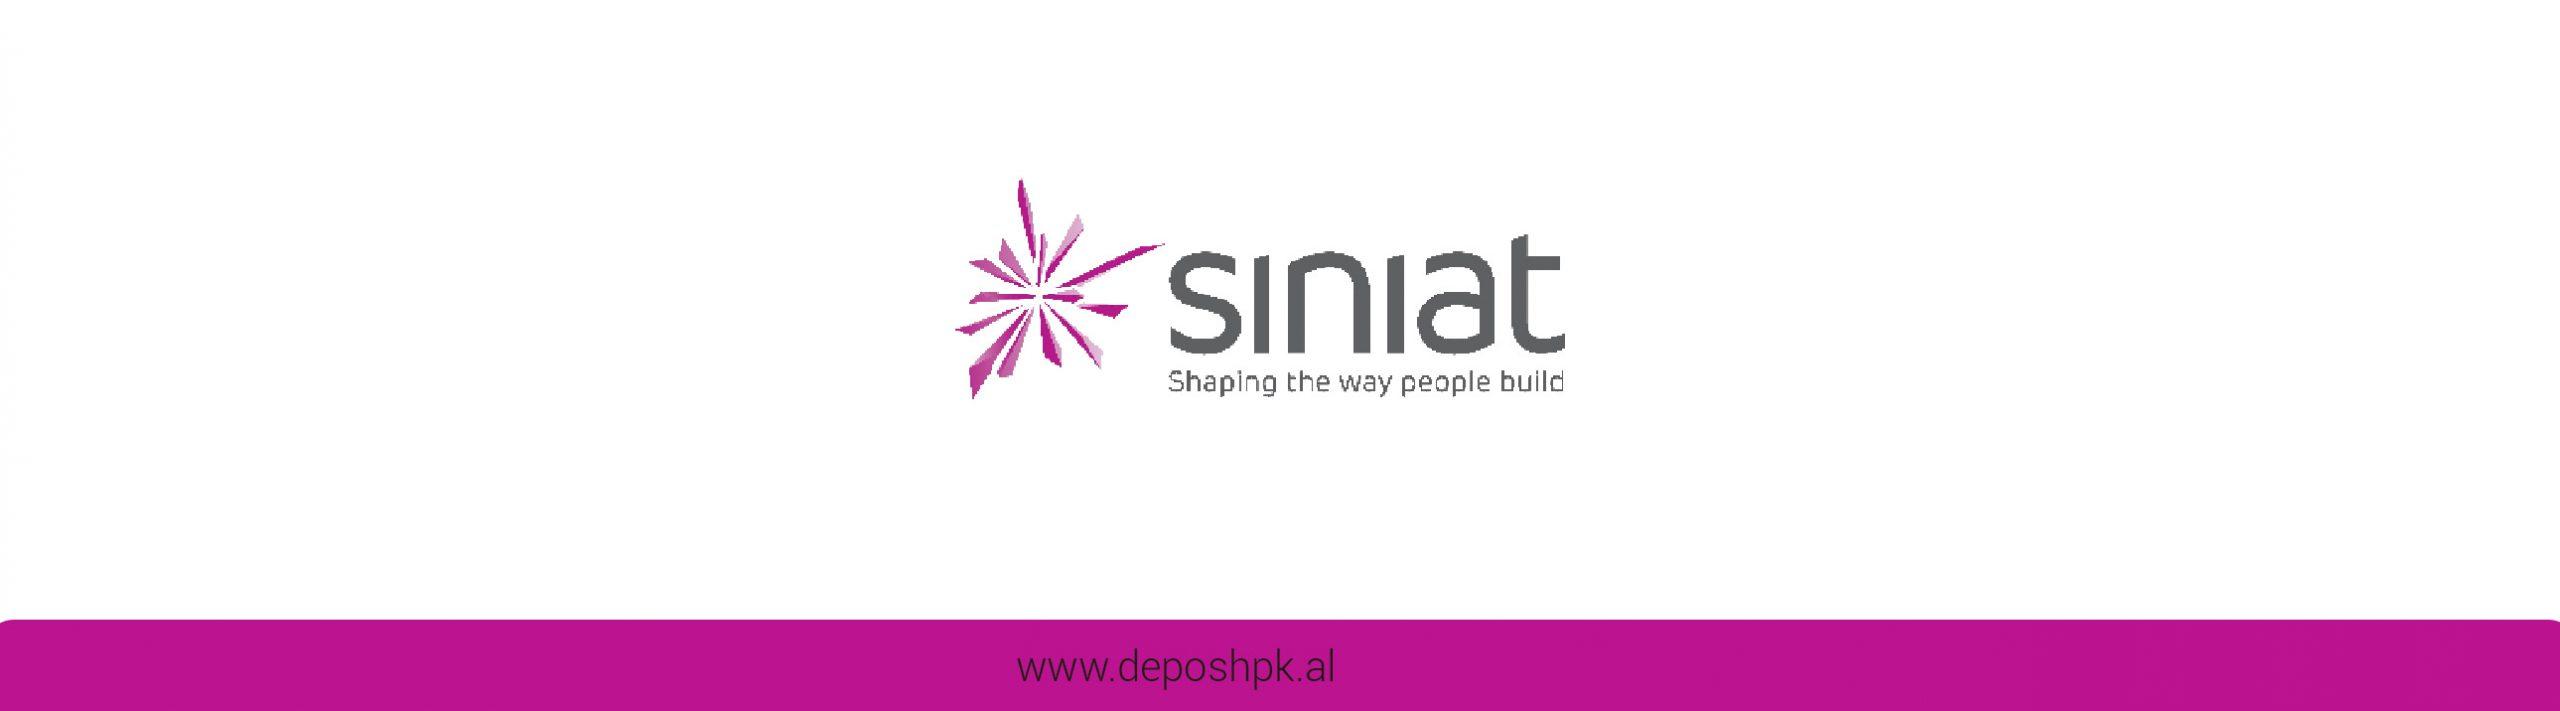 https://www.deposhpk.al/wp-content/uploads/2019/12/siniat-produkt-deposhpk.al_-scaled.jpg